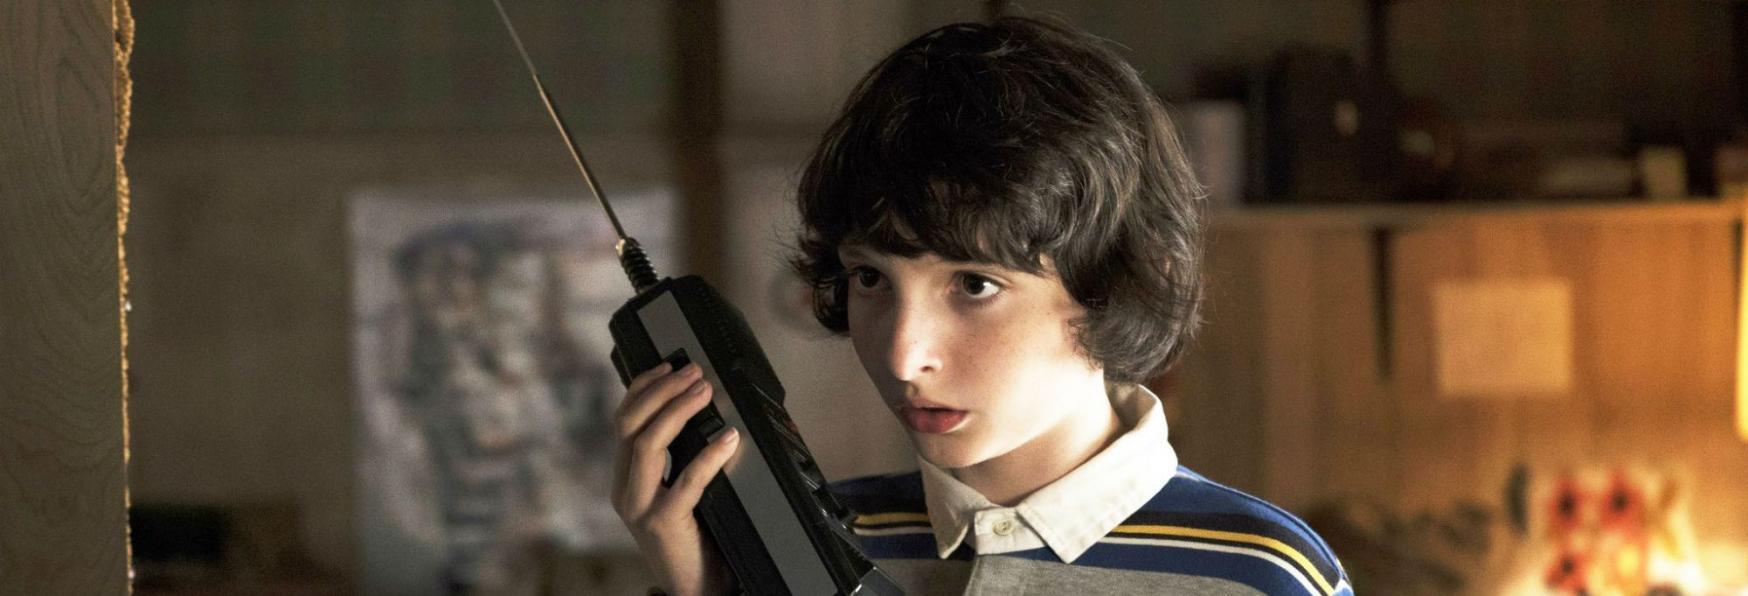 Stranger Things 4: secondo Finn Wolfhard la nuova Stagione sarà la più Oscura di sempre